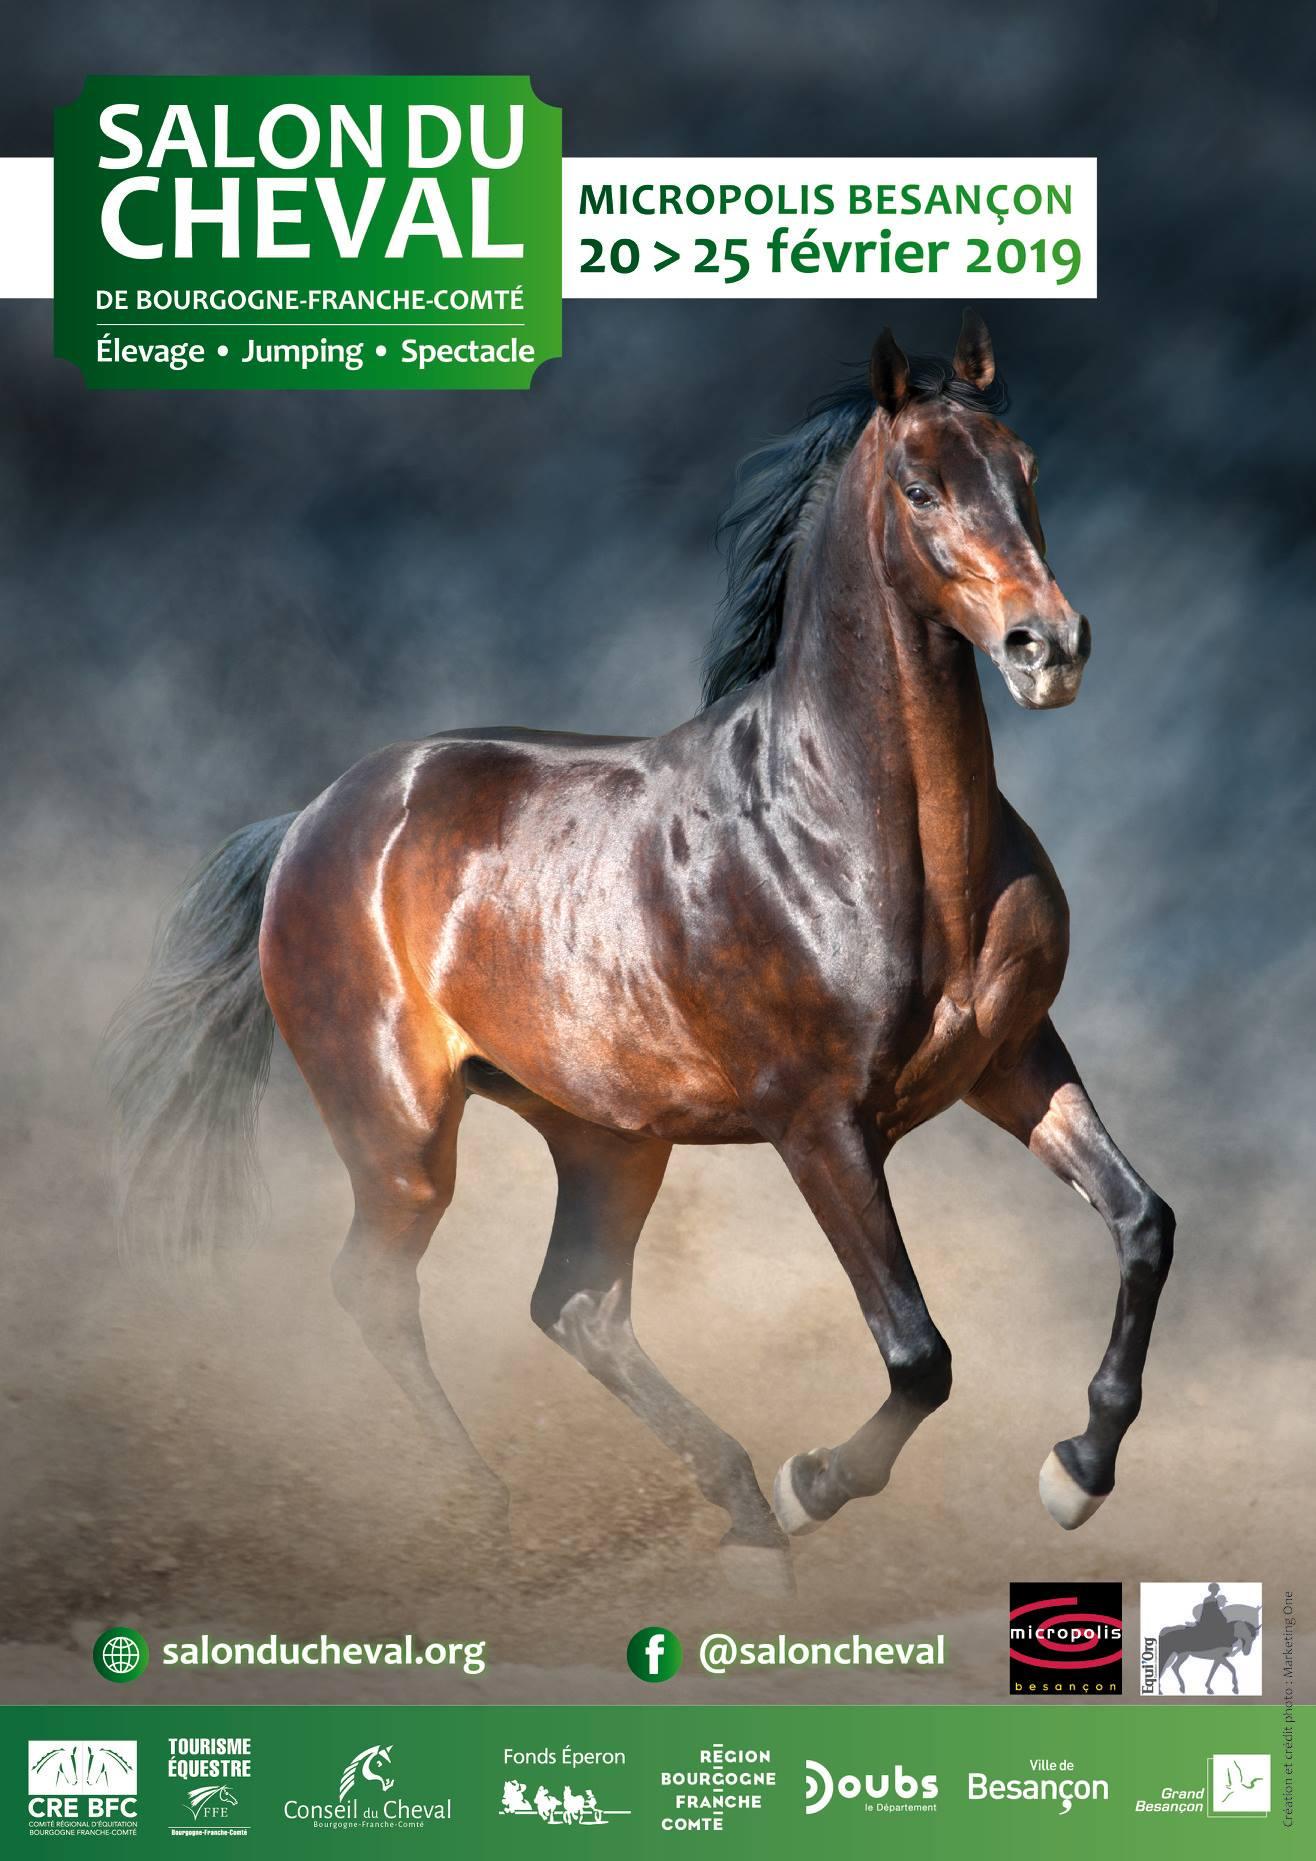 Salon du cheval de Bourgogne Franche-Comté 2019